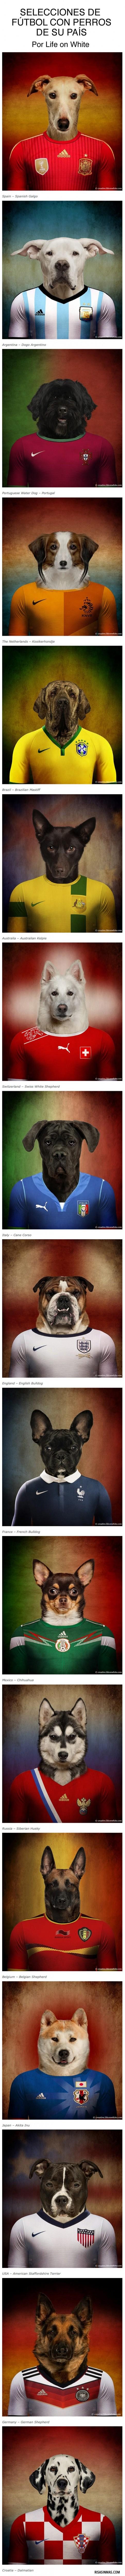 Selecciones de fútbol con perros de su país